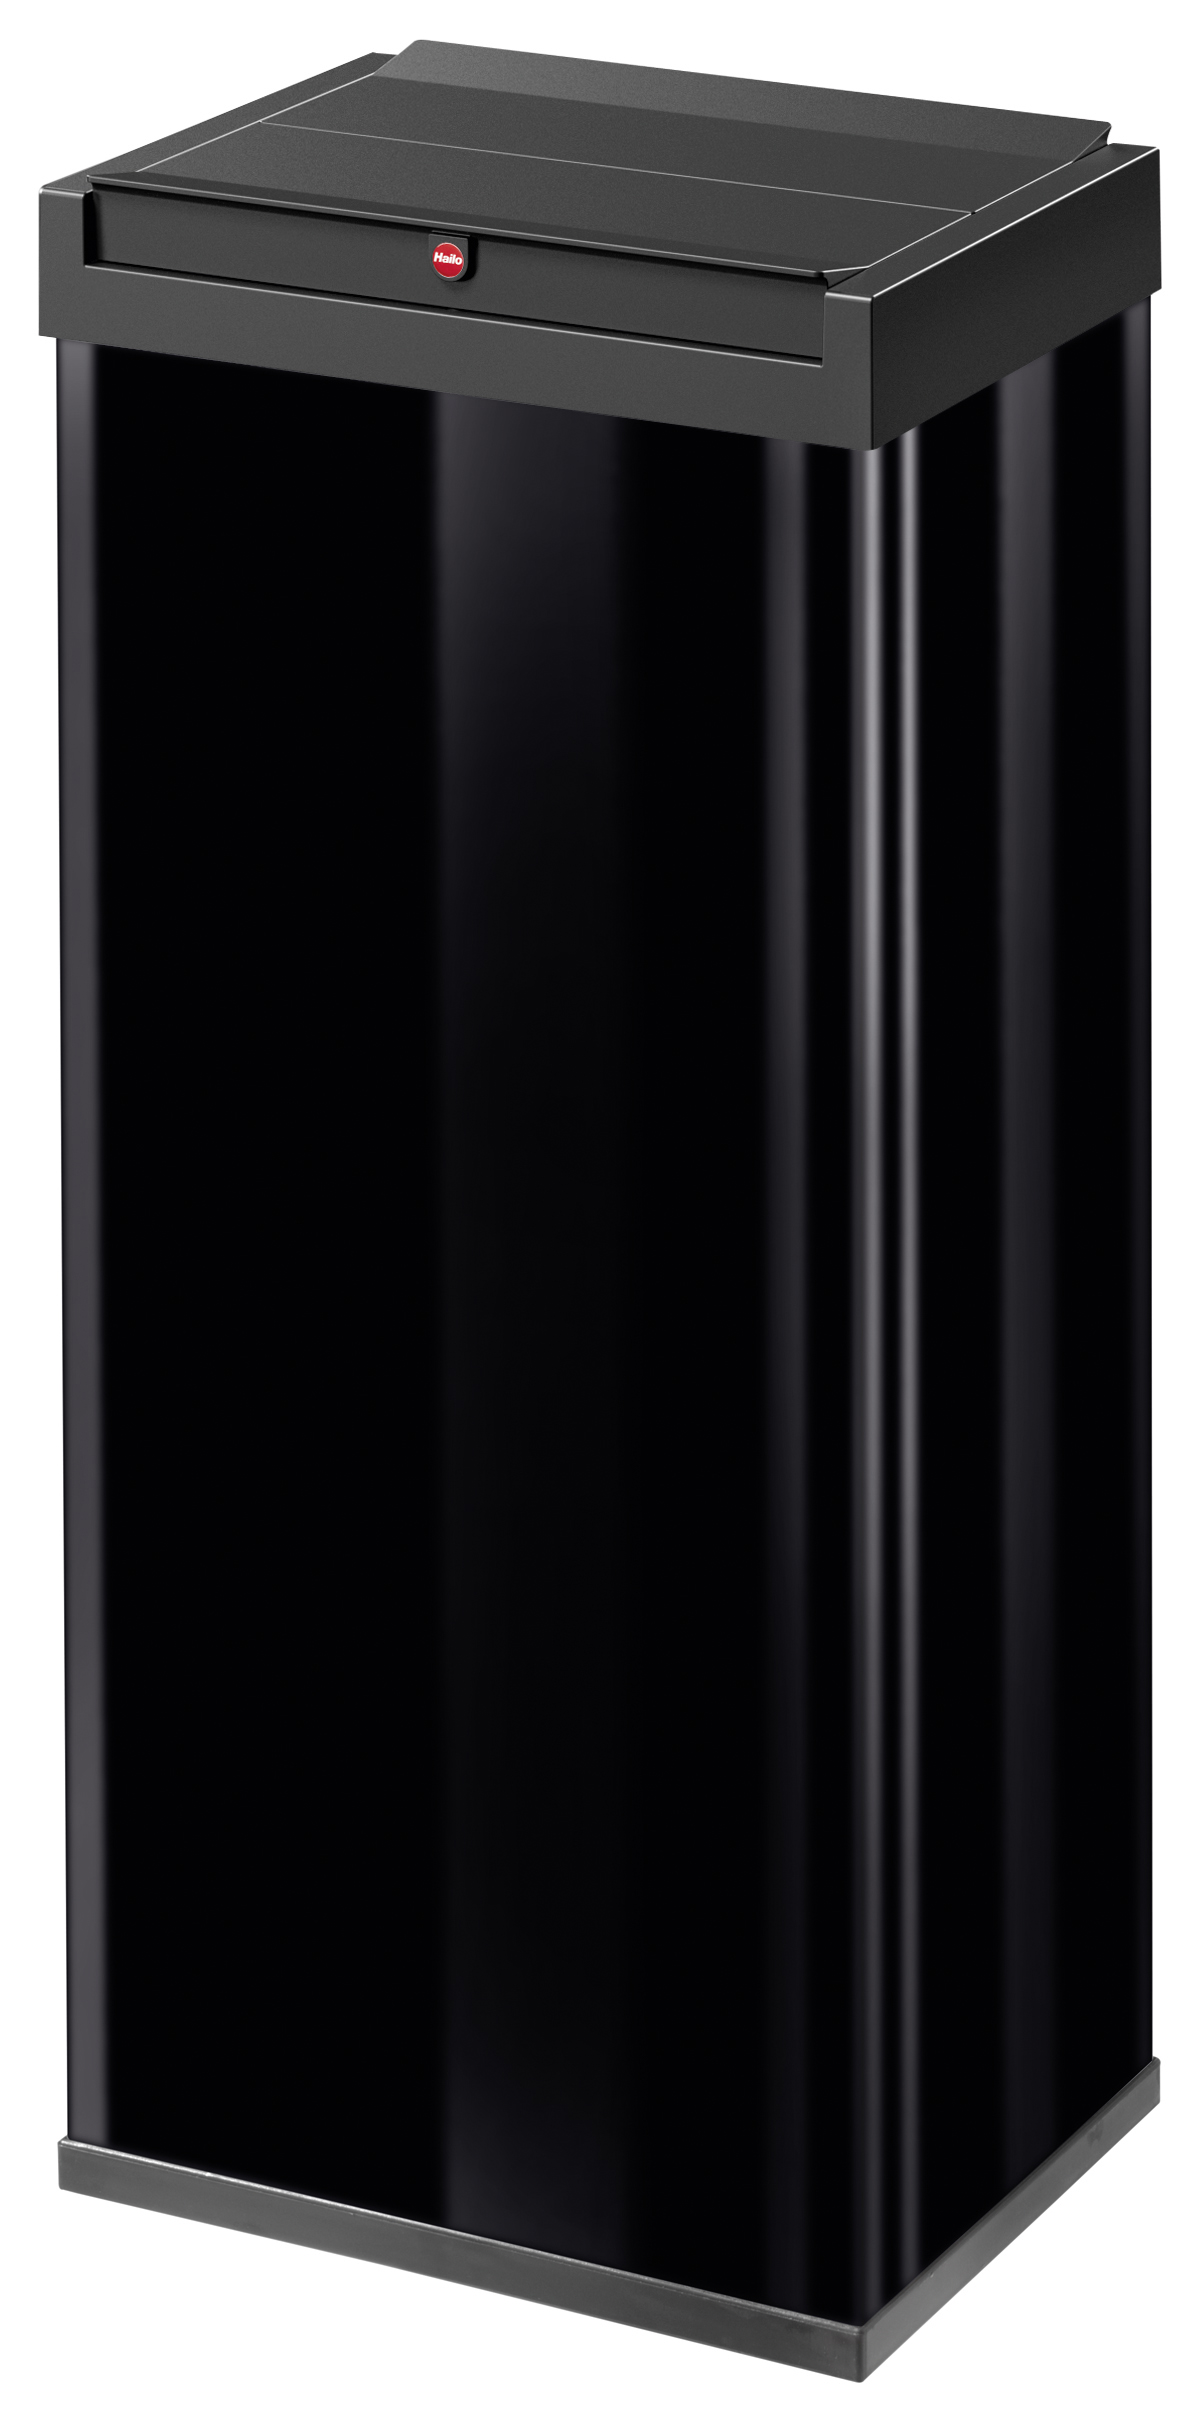 【ハイロ】ニュービッグボックス 60L ブラック